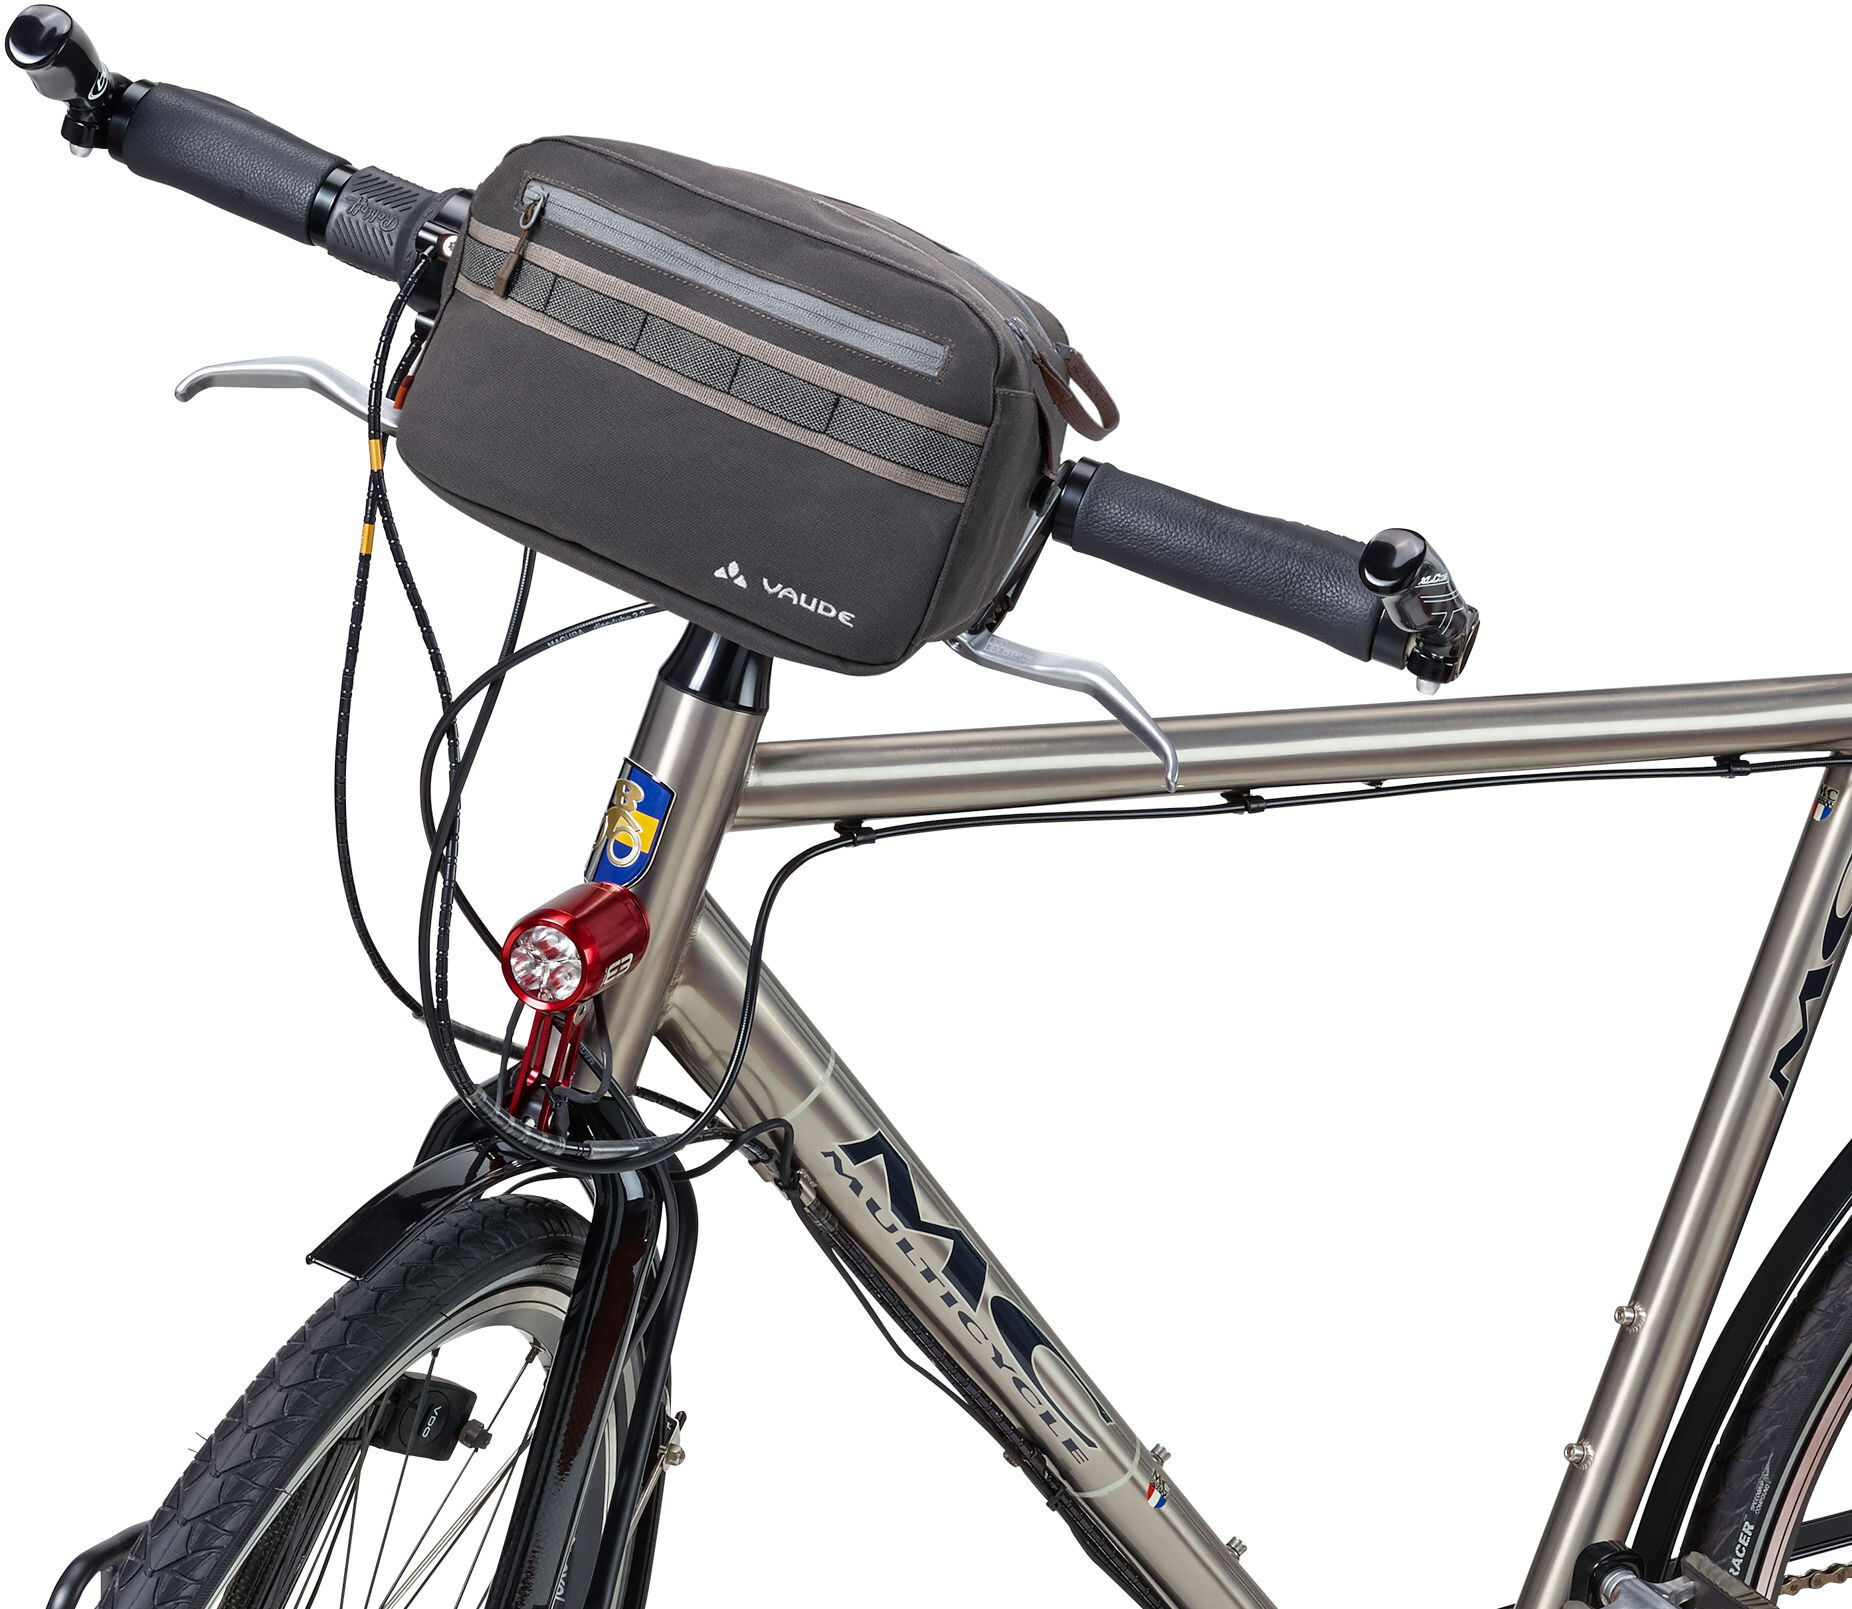 VAUDE Classic Box Cykeltaske, phantom black (2019) | Tasker til bagagebærer